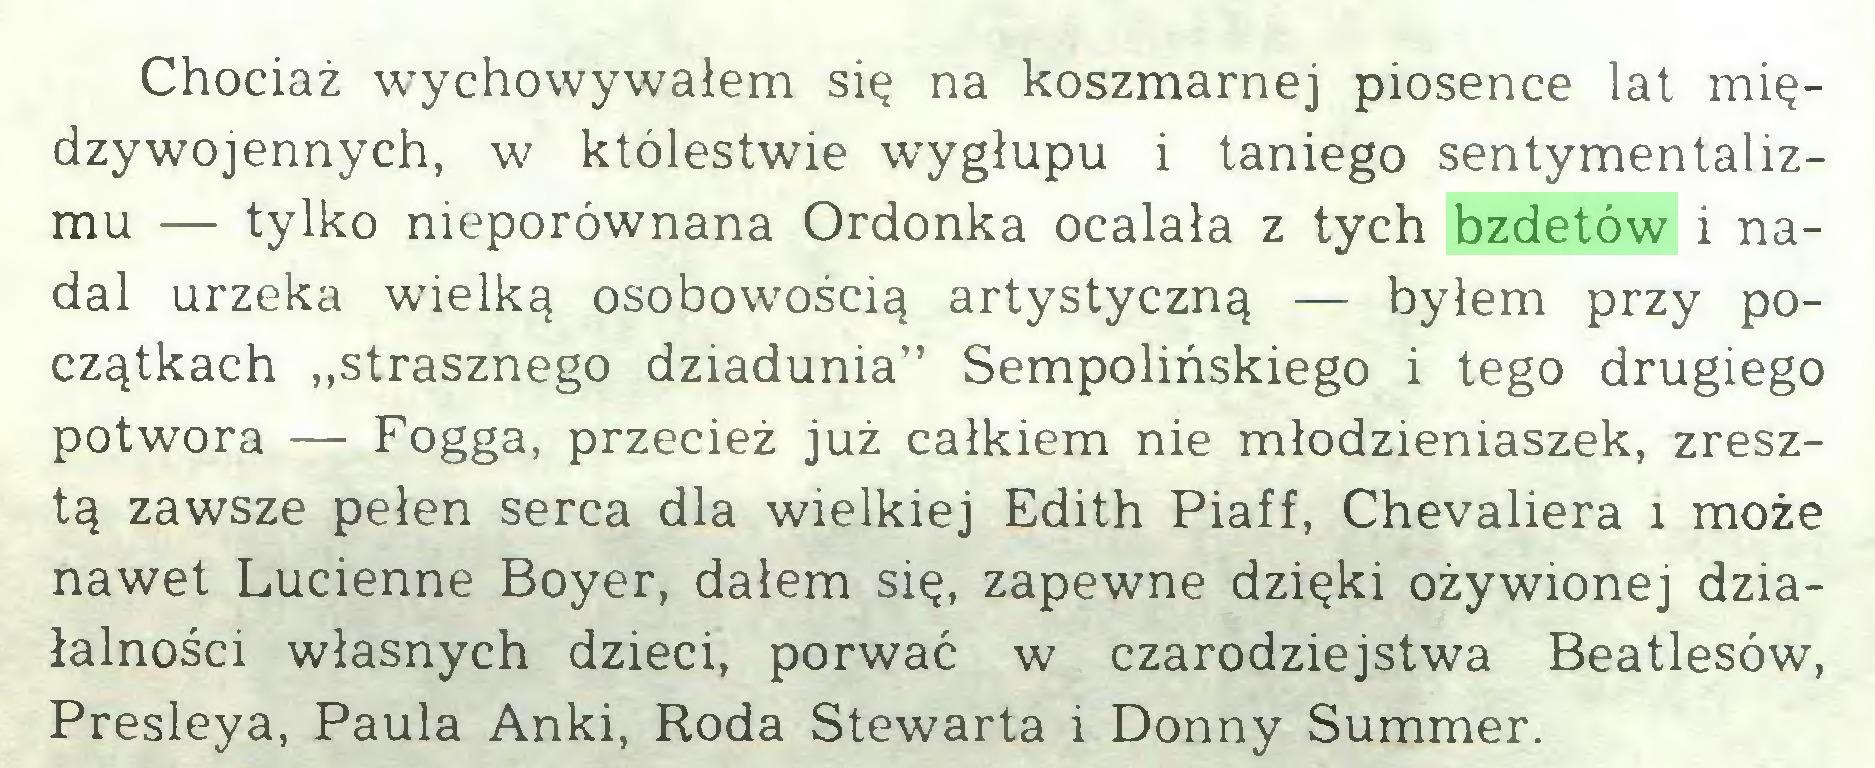 """(...) Chociaż wychowywałem się na koszmarnej piosence lat międzywojennych, w któlestwie wygłupu i taniego sentymentalizmu — tylko nieporównana Ordonka ocalała z tych bzdetów i nadal urzeka wielką osobowością artystyczną — byłem przy początkach """"strasznego dziadunia"""" Sempolińskiego i tego drugiego potwora — Fogga, przecież już całkiem nie młodzieniaszek, zresztą zawsze pełen serca dla wielkiej Edith Piaff, Chevaliera i może nawet Lucienne Boyer, dałem się, zapewne dzięki ożywionej działalności własnych dzieci, porwać w czarodziejstwa Beatlesów, Presleya, Paula Anki, Roda Stewarta i Donny Summer..."""